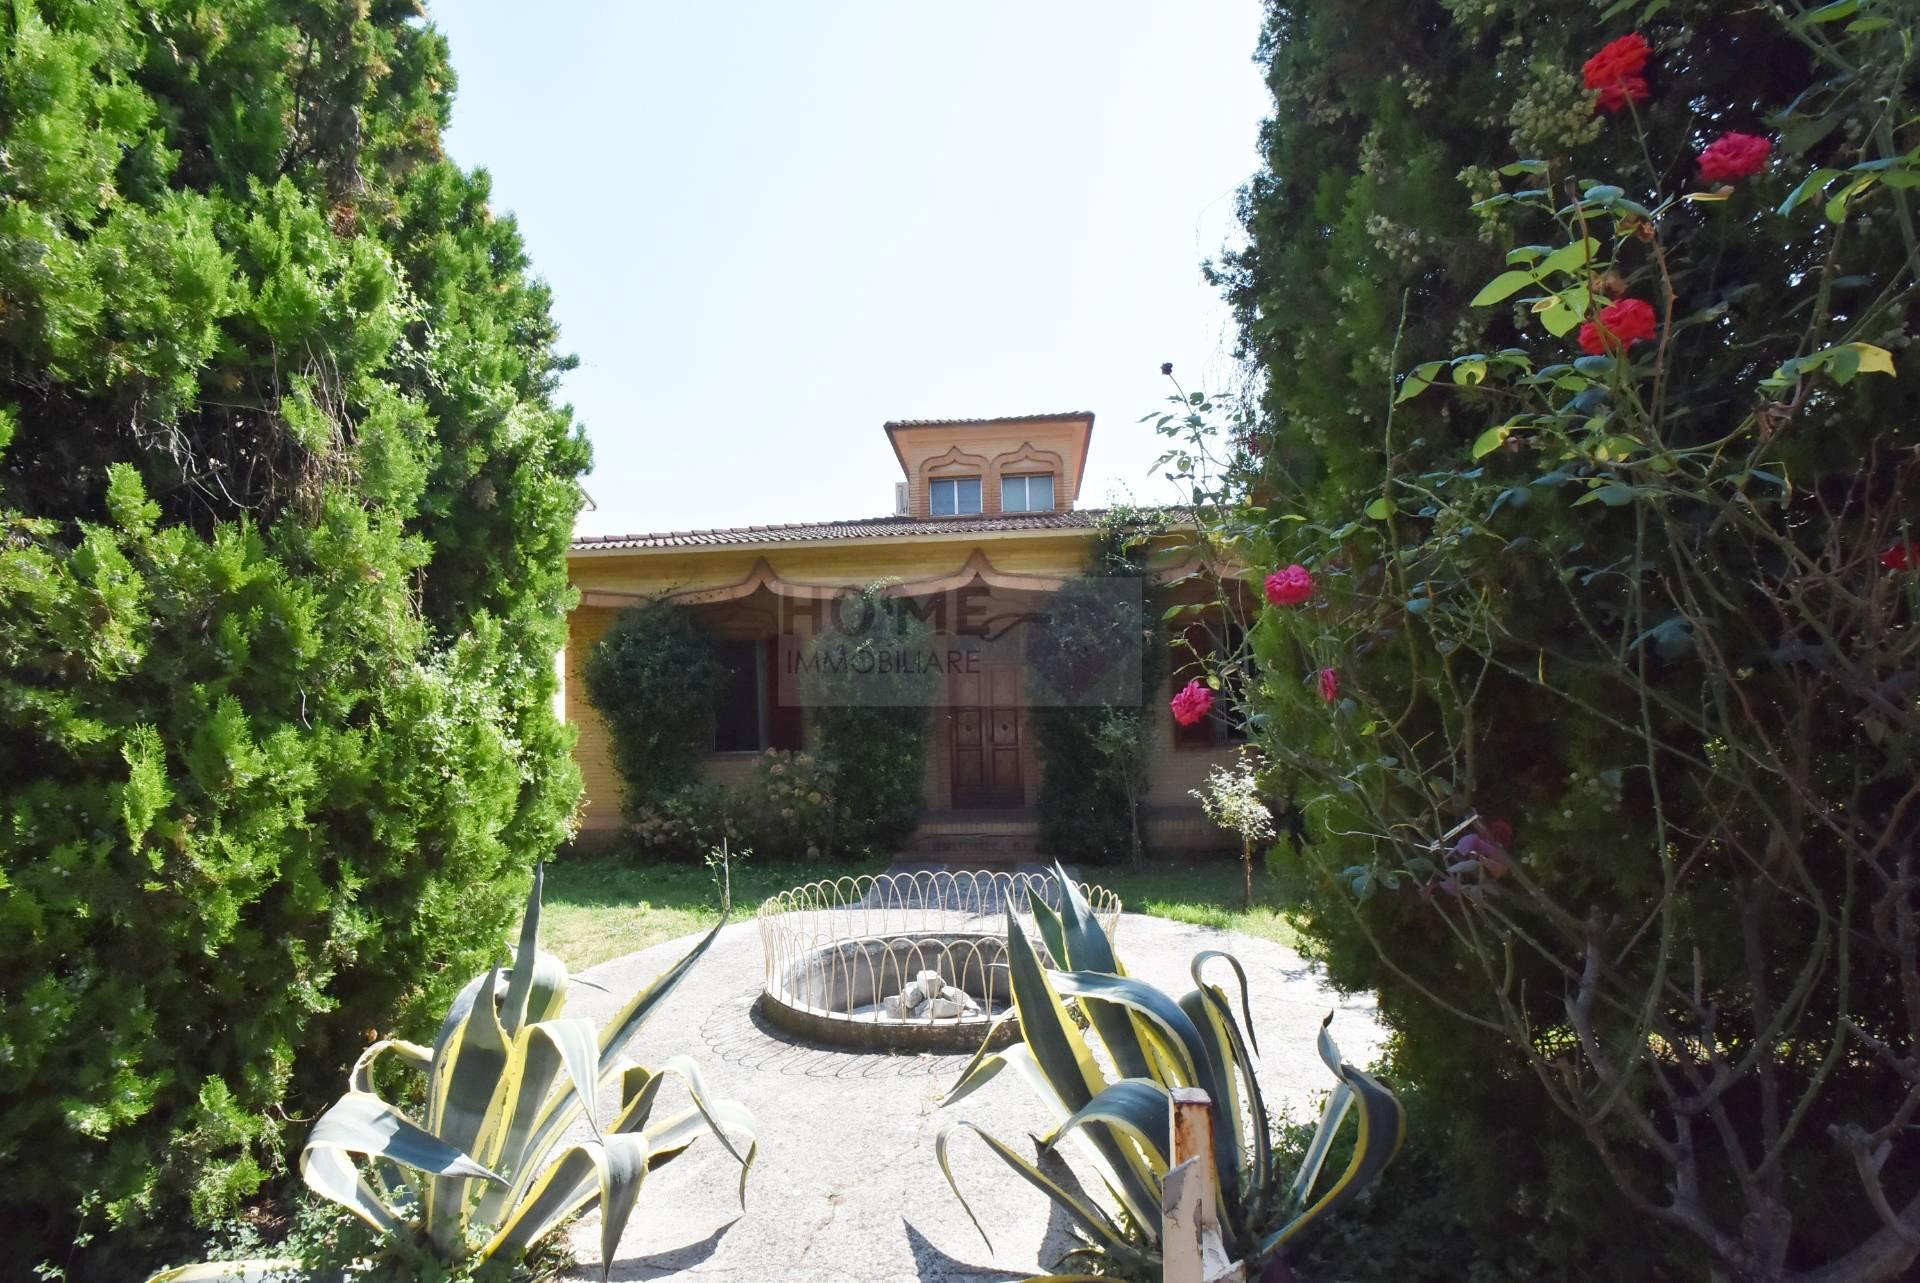 Soluzione Indipendente in vendita a Recanati, 8 locali, zona Località: centrale, prezzo € 295.000 | Cambio Casa.it